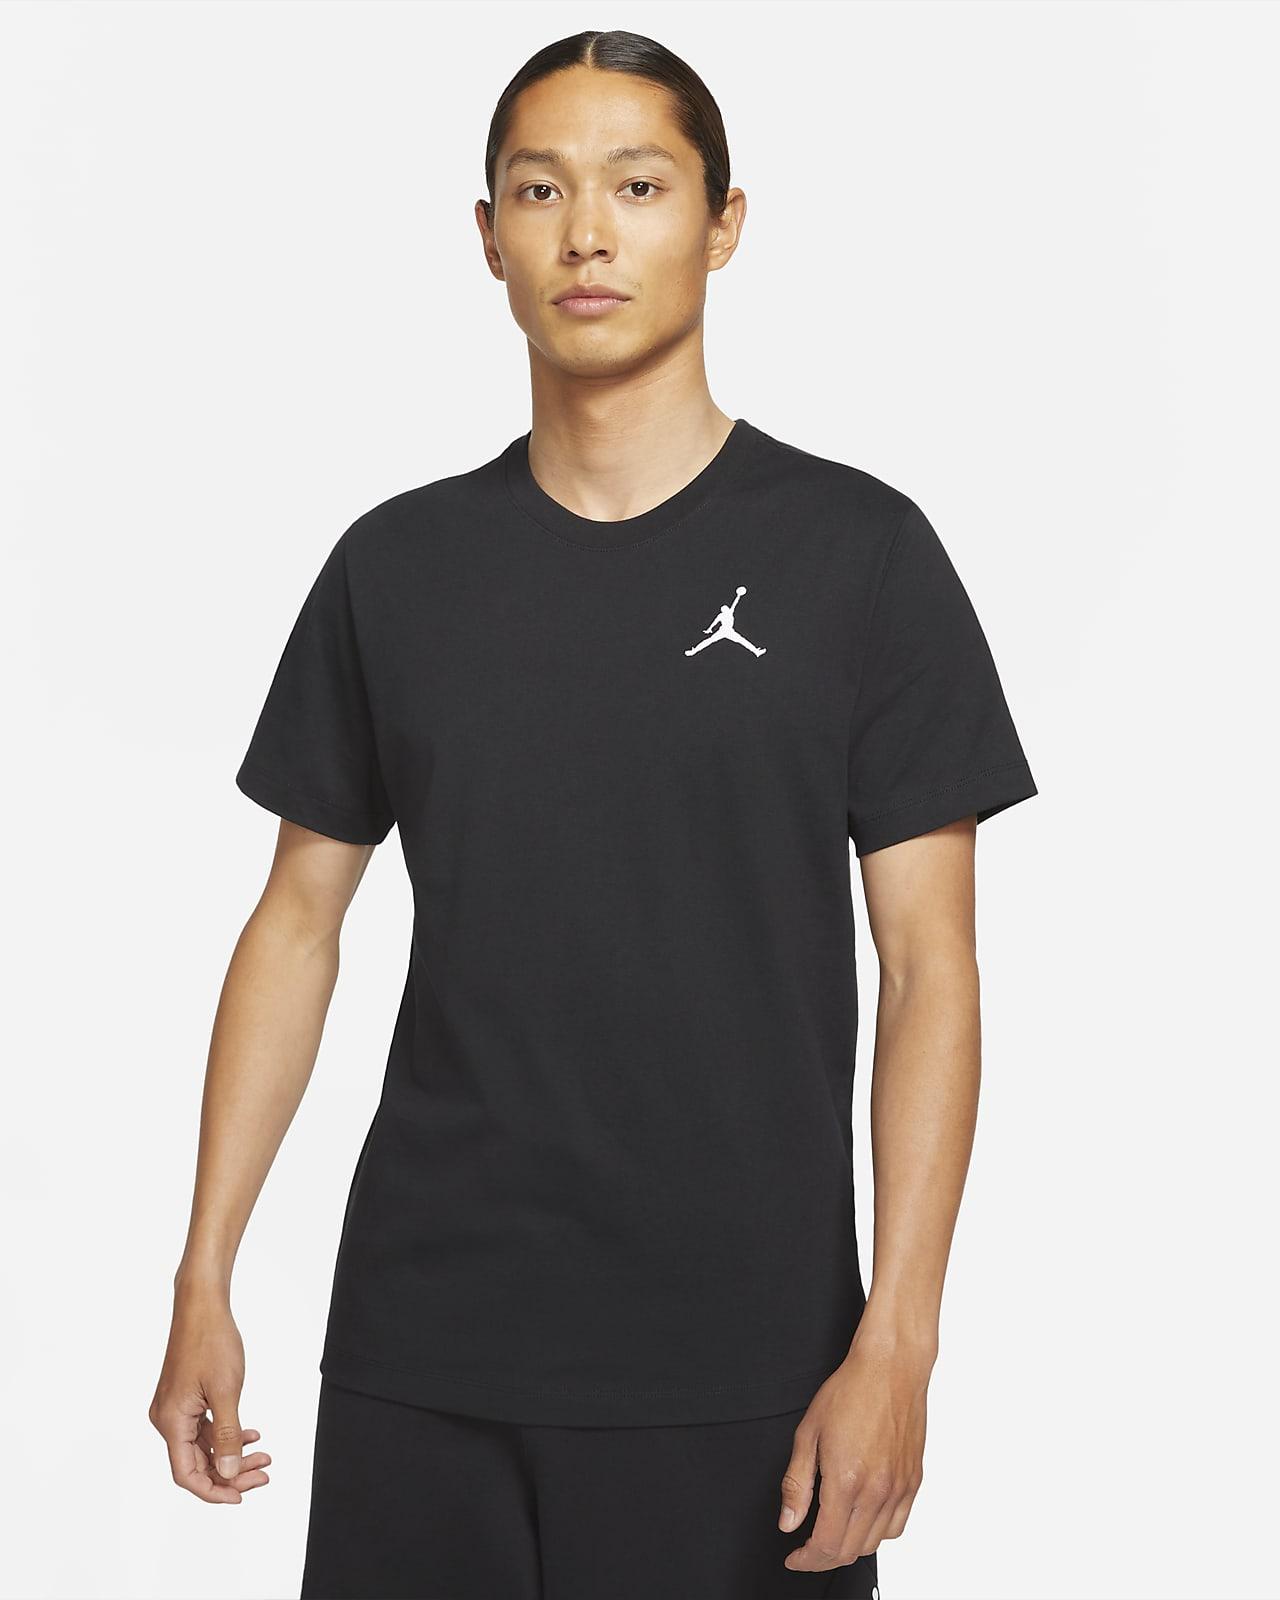 Jordan Jumpman 男子短袖T恤